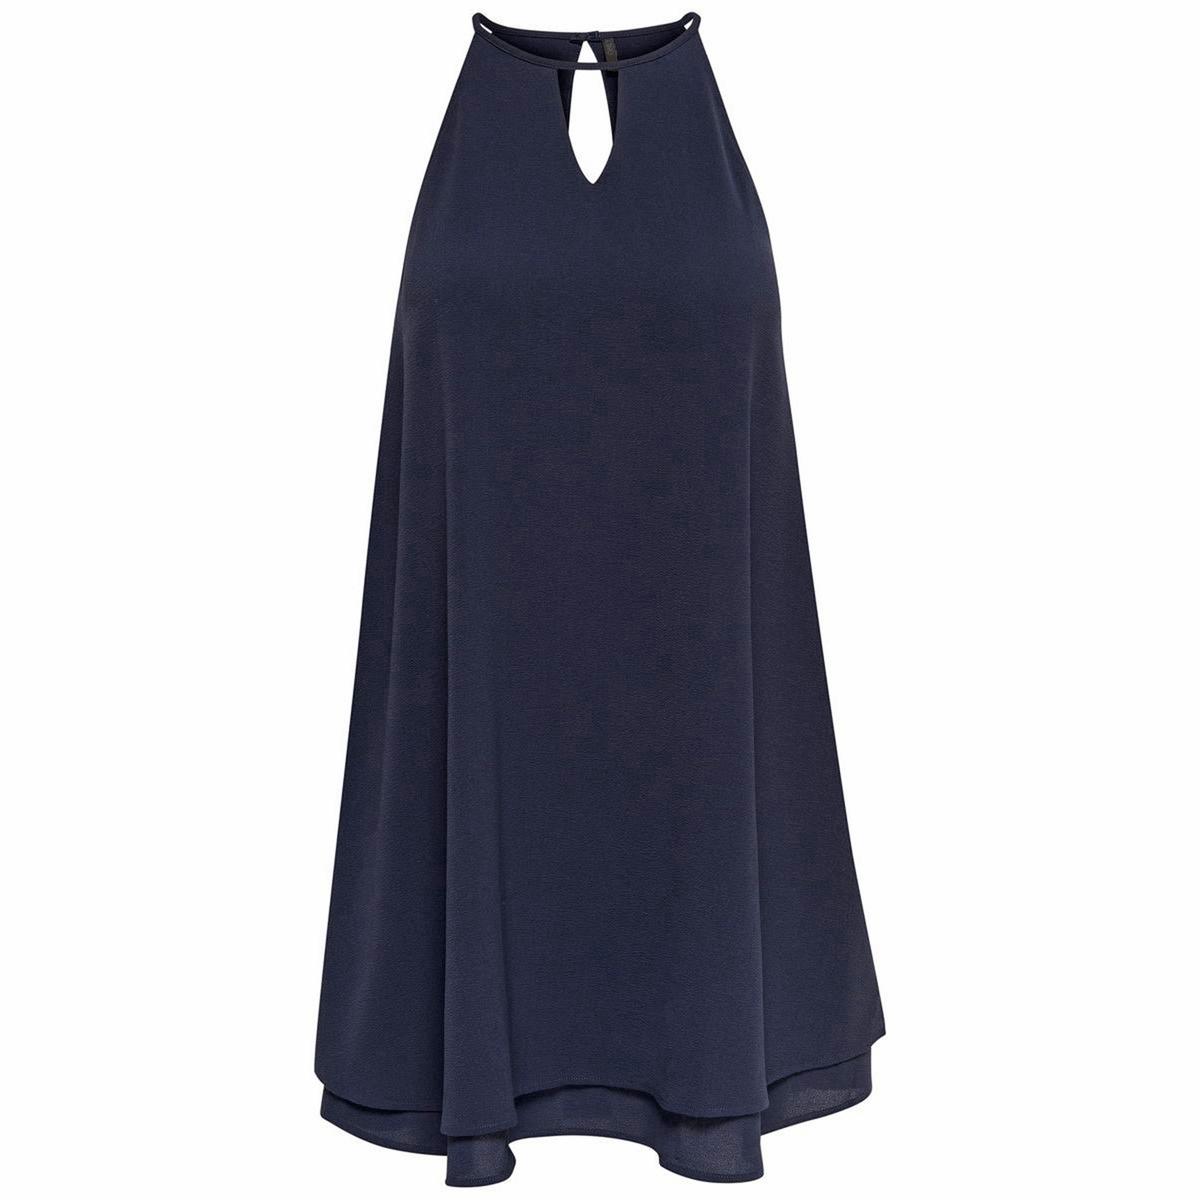 Платье без рукавов, длина до колен, однотонноеМатериал : 3% эластана, 97% полиэстера  Длина рукава : без рукавов  Форма воротника : круглый вырез Покрой платья : расклешенное платье Рисунок : однотонная модель   Длина платья : до колен<br><br>Цвет: розовый фуксия,синий морской<br>Размер: 36 (FR) - 42 (RUS)